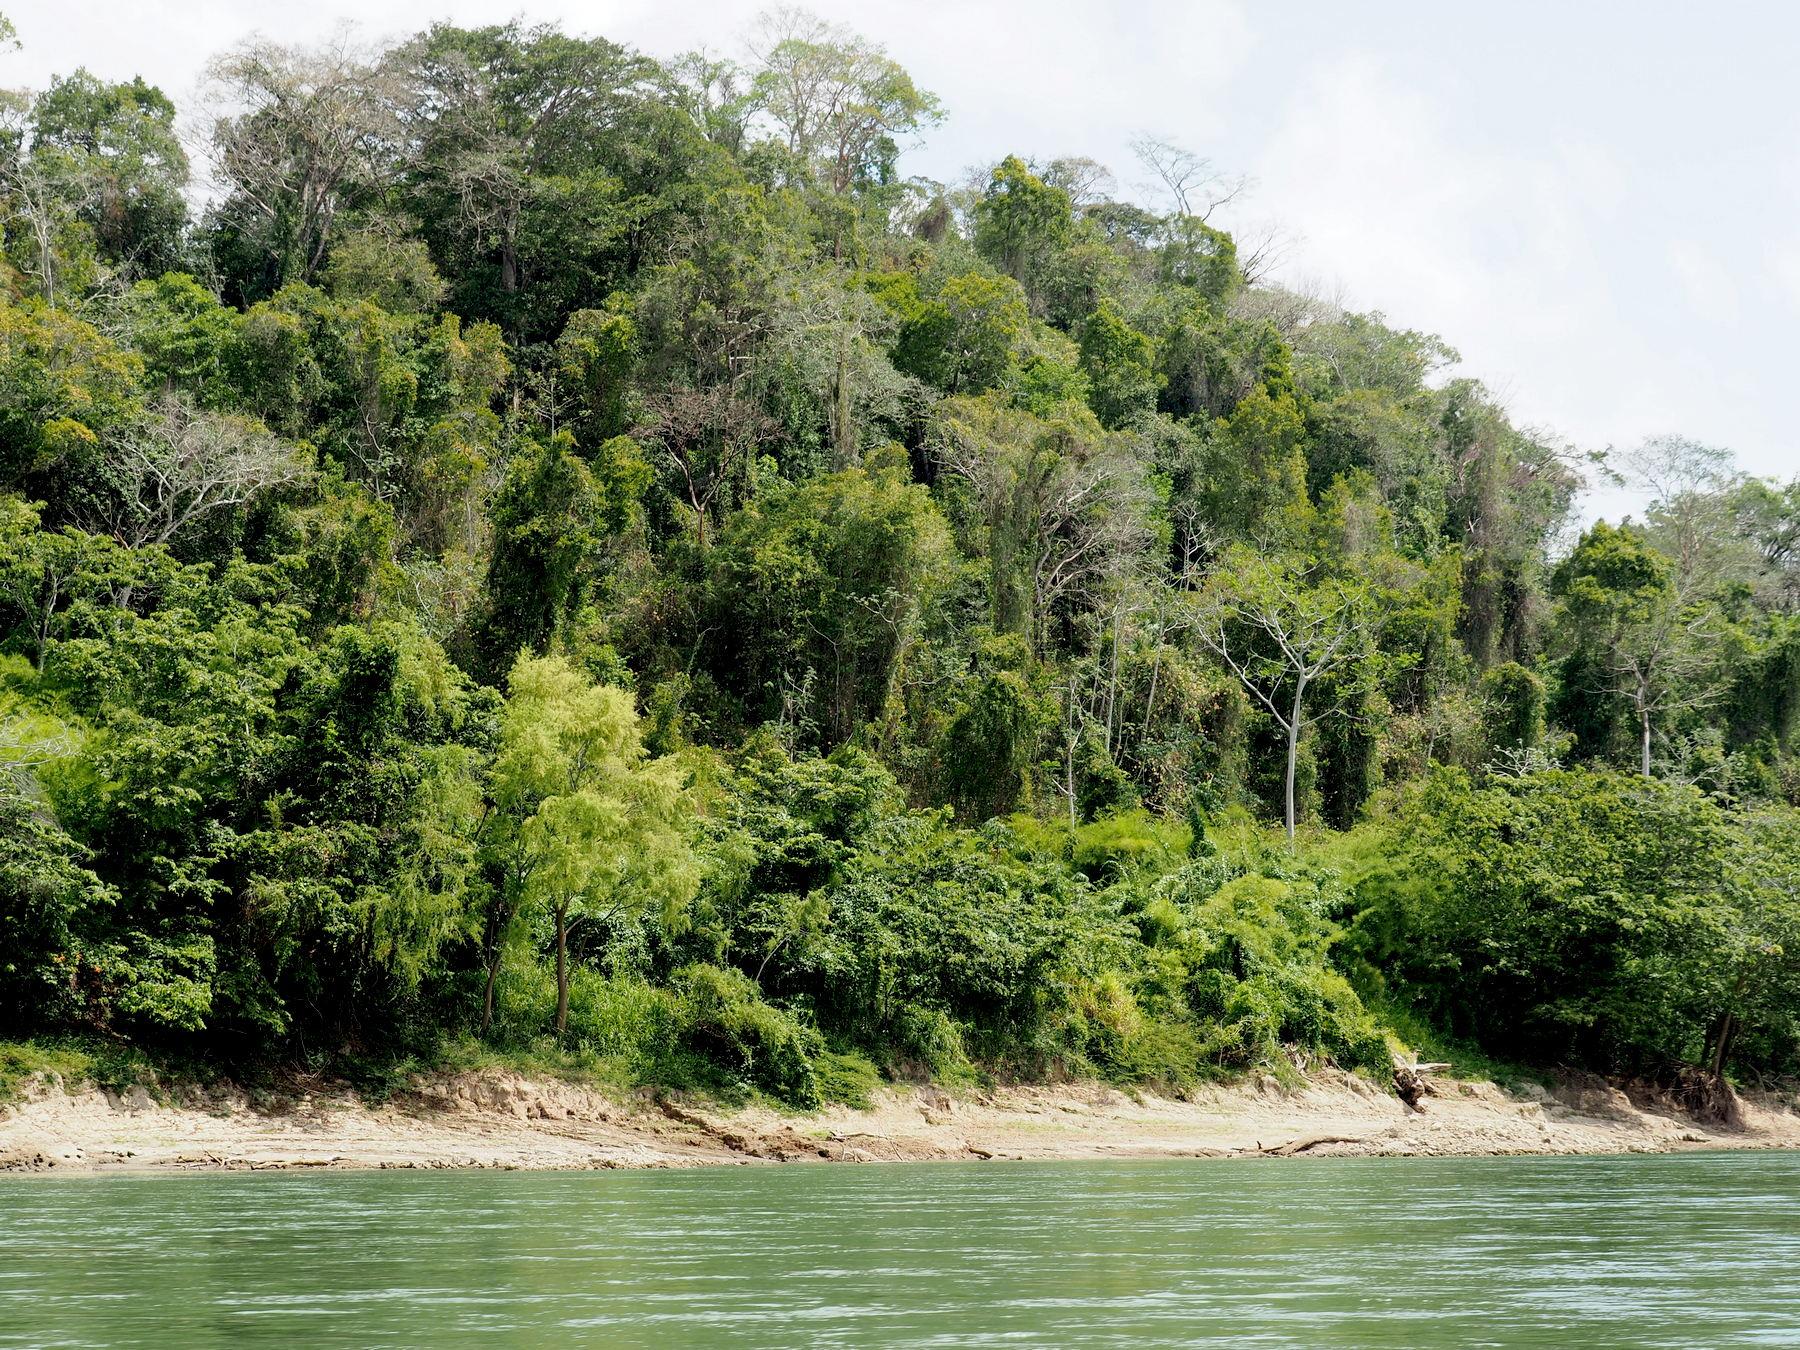 Das Flussufer ist eine grüne Wand